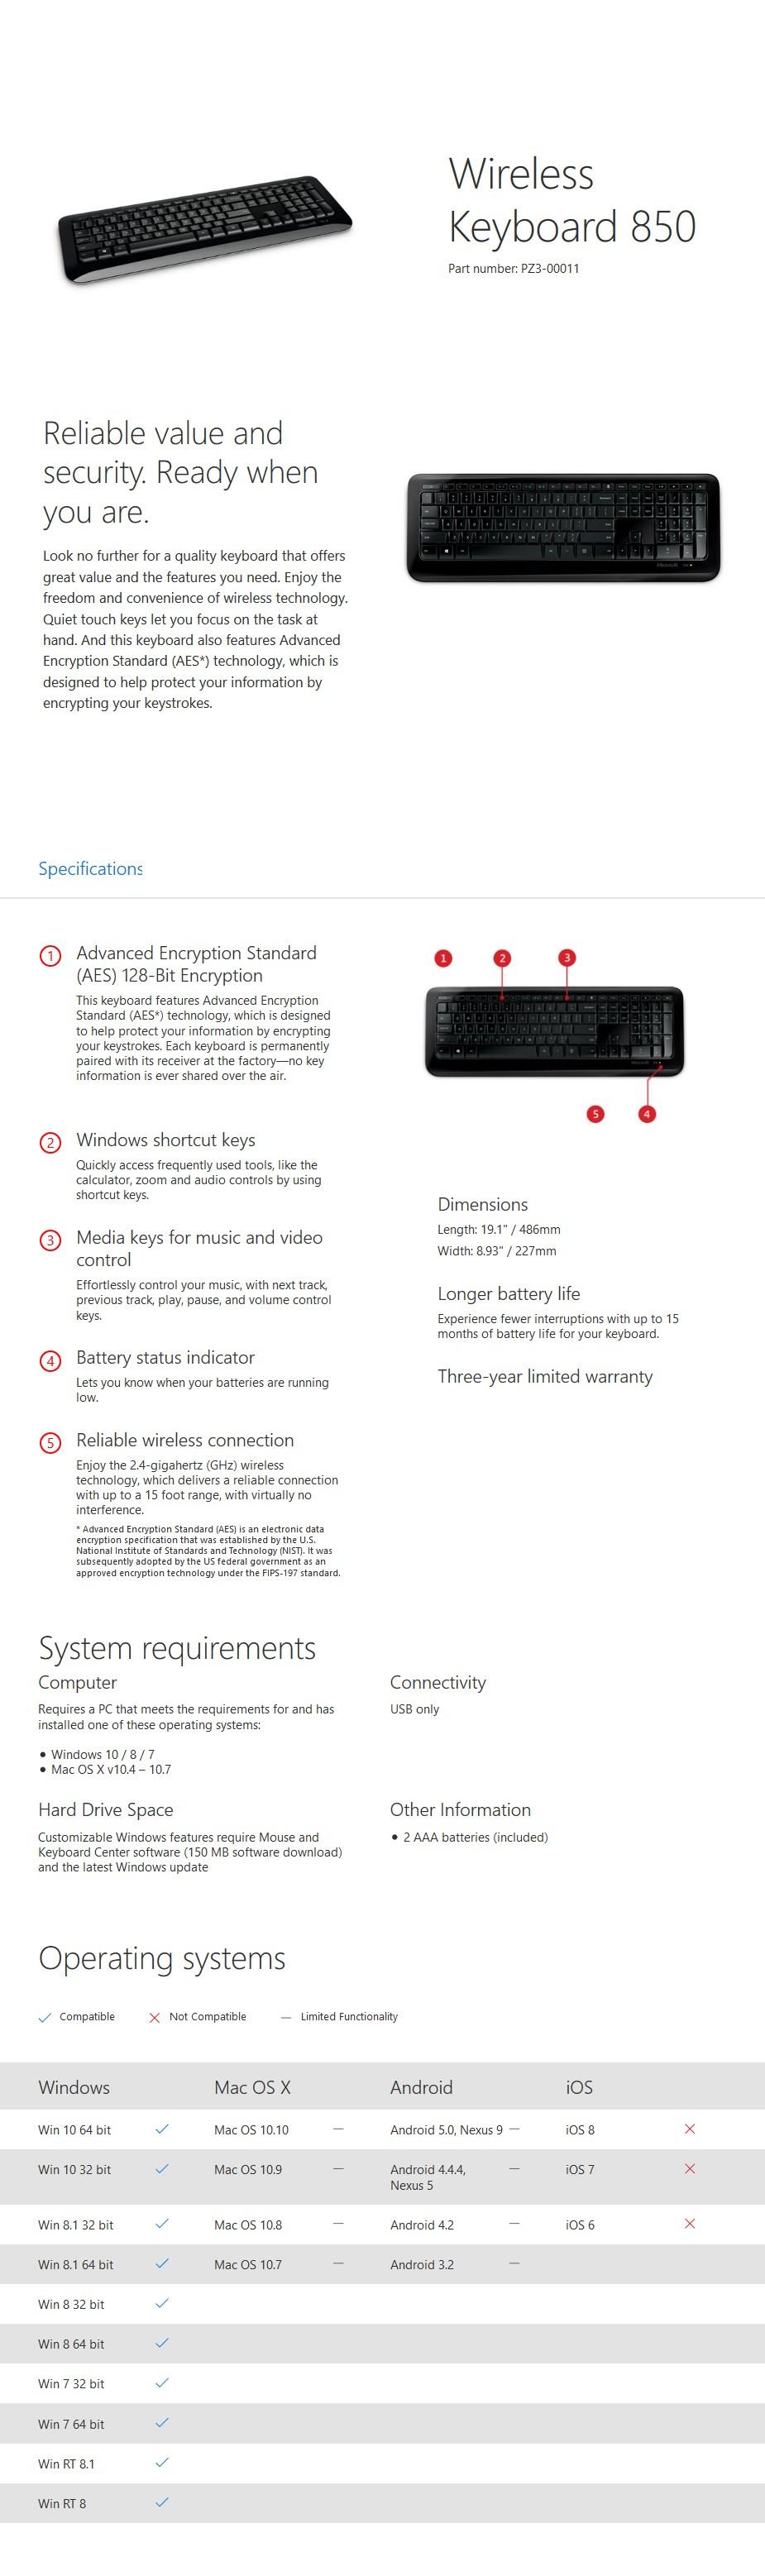 Microsoft Wireless Keyboard 850 - Black - Desktop Overview 1